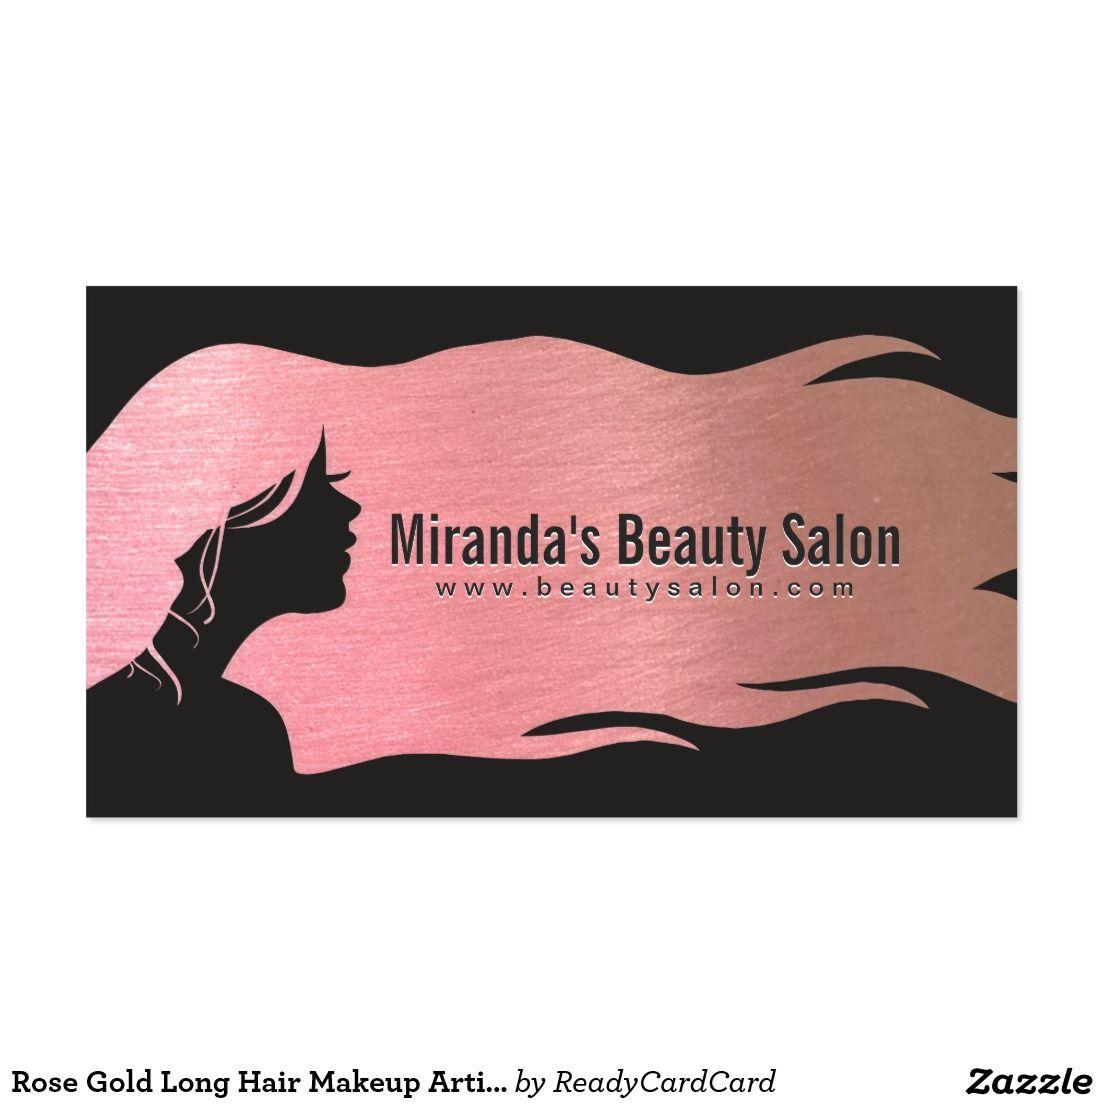 Rose Gold Long Hair Makeup Artist Hair Stylist Business Card ...